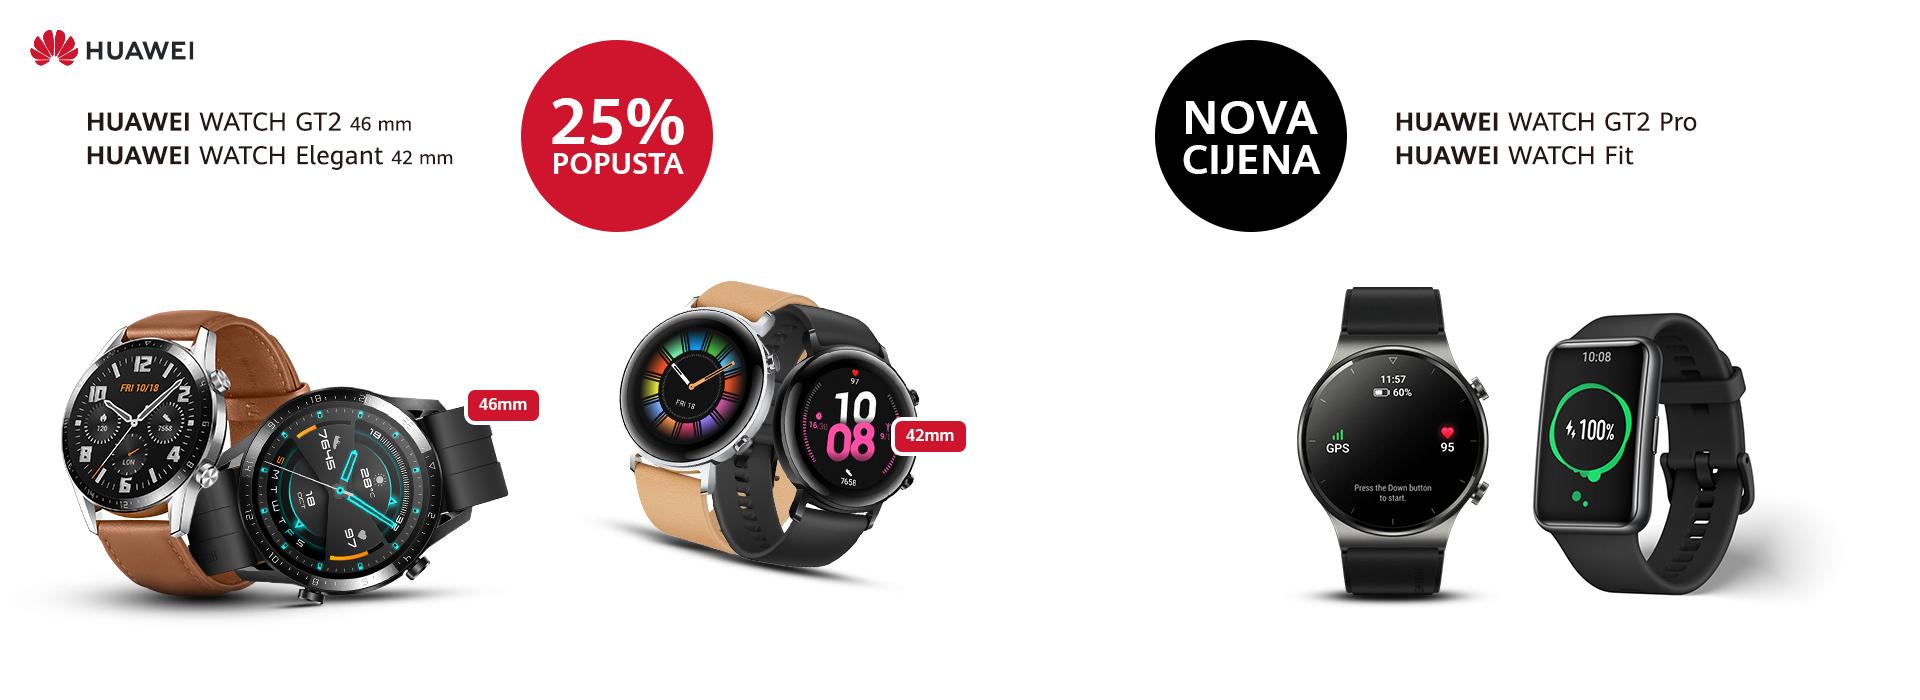 Huawei akcija pametnih satova